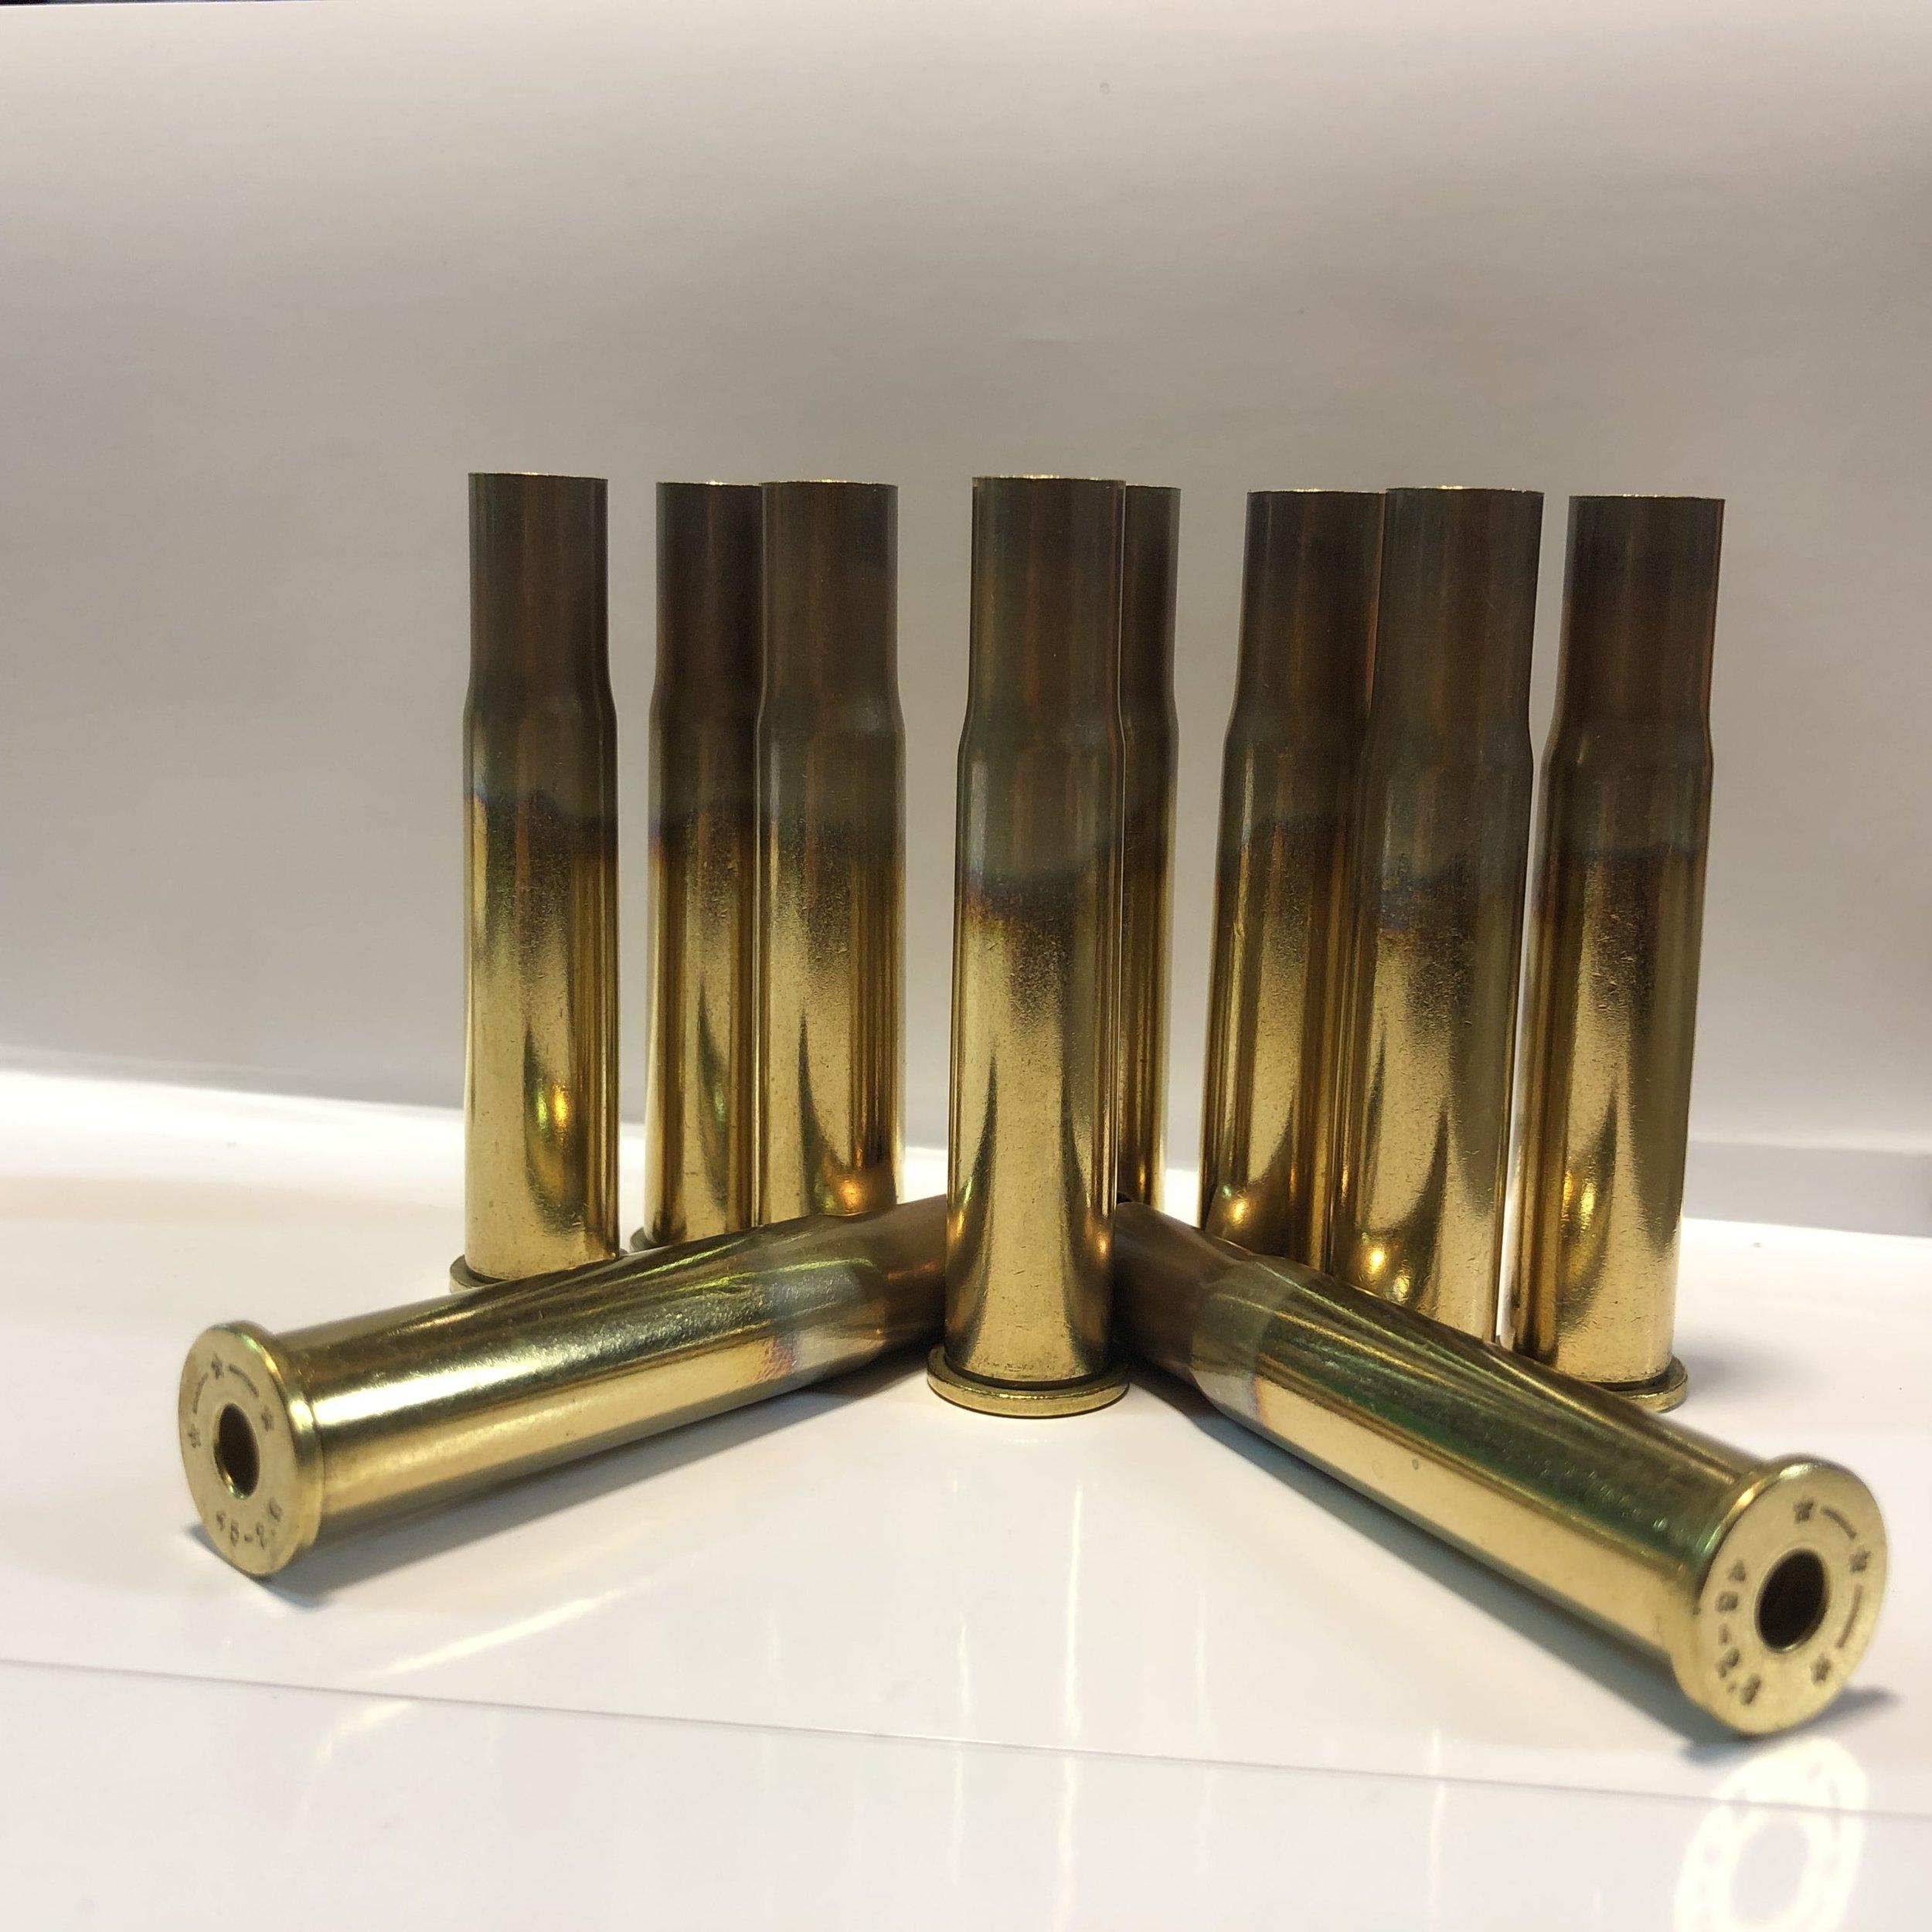 40-90 Sharps Necked AmmunitionArtifacts #5-min.JPG